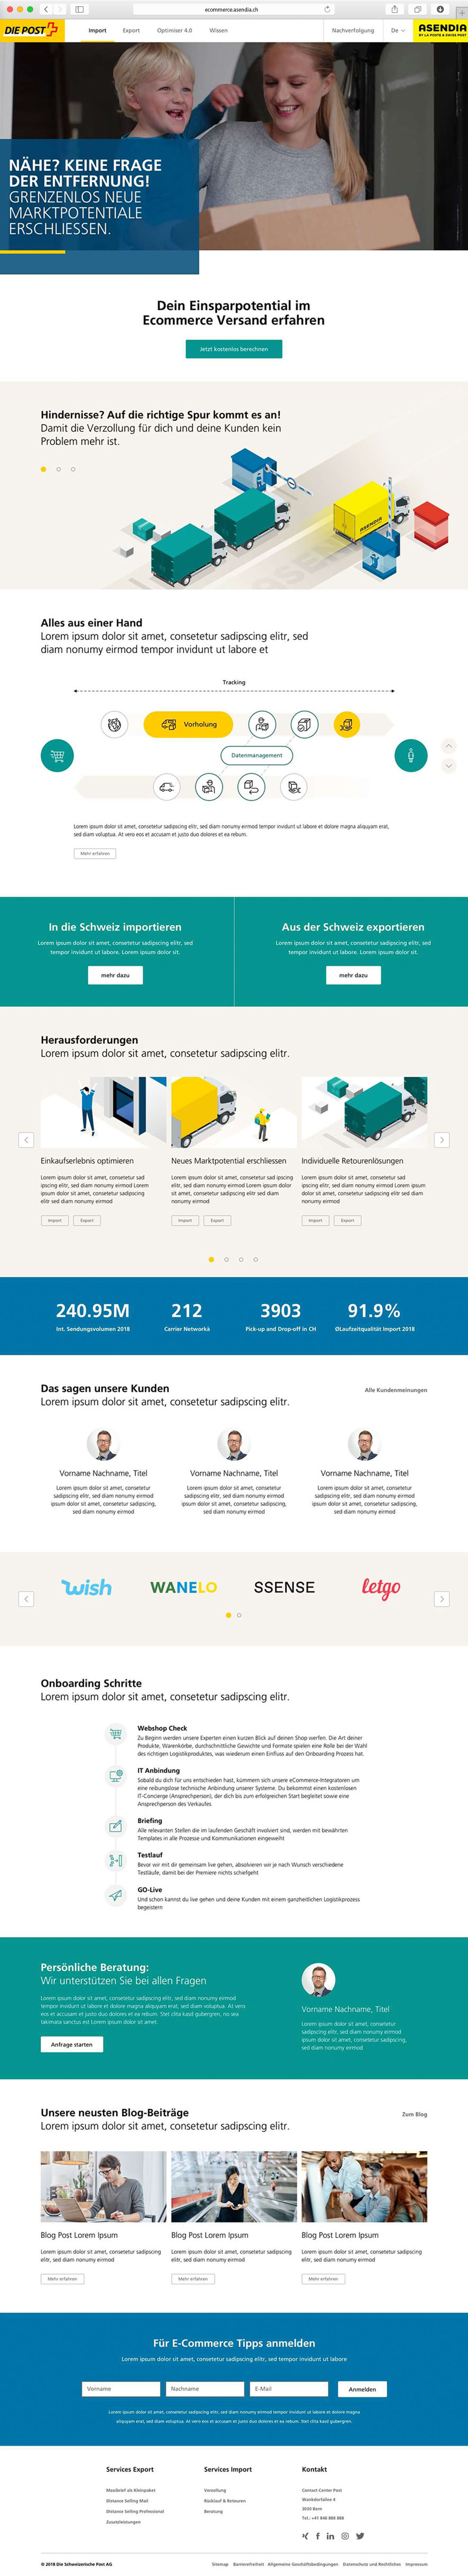 webdesign-bsp-asendia-full-1-1